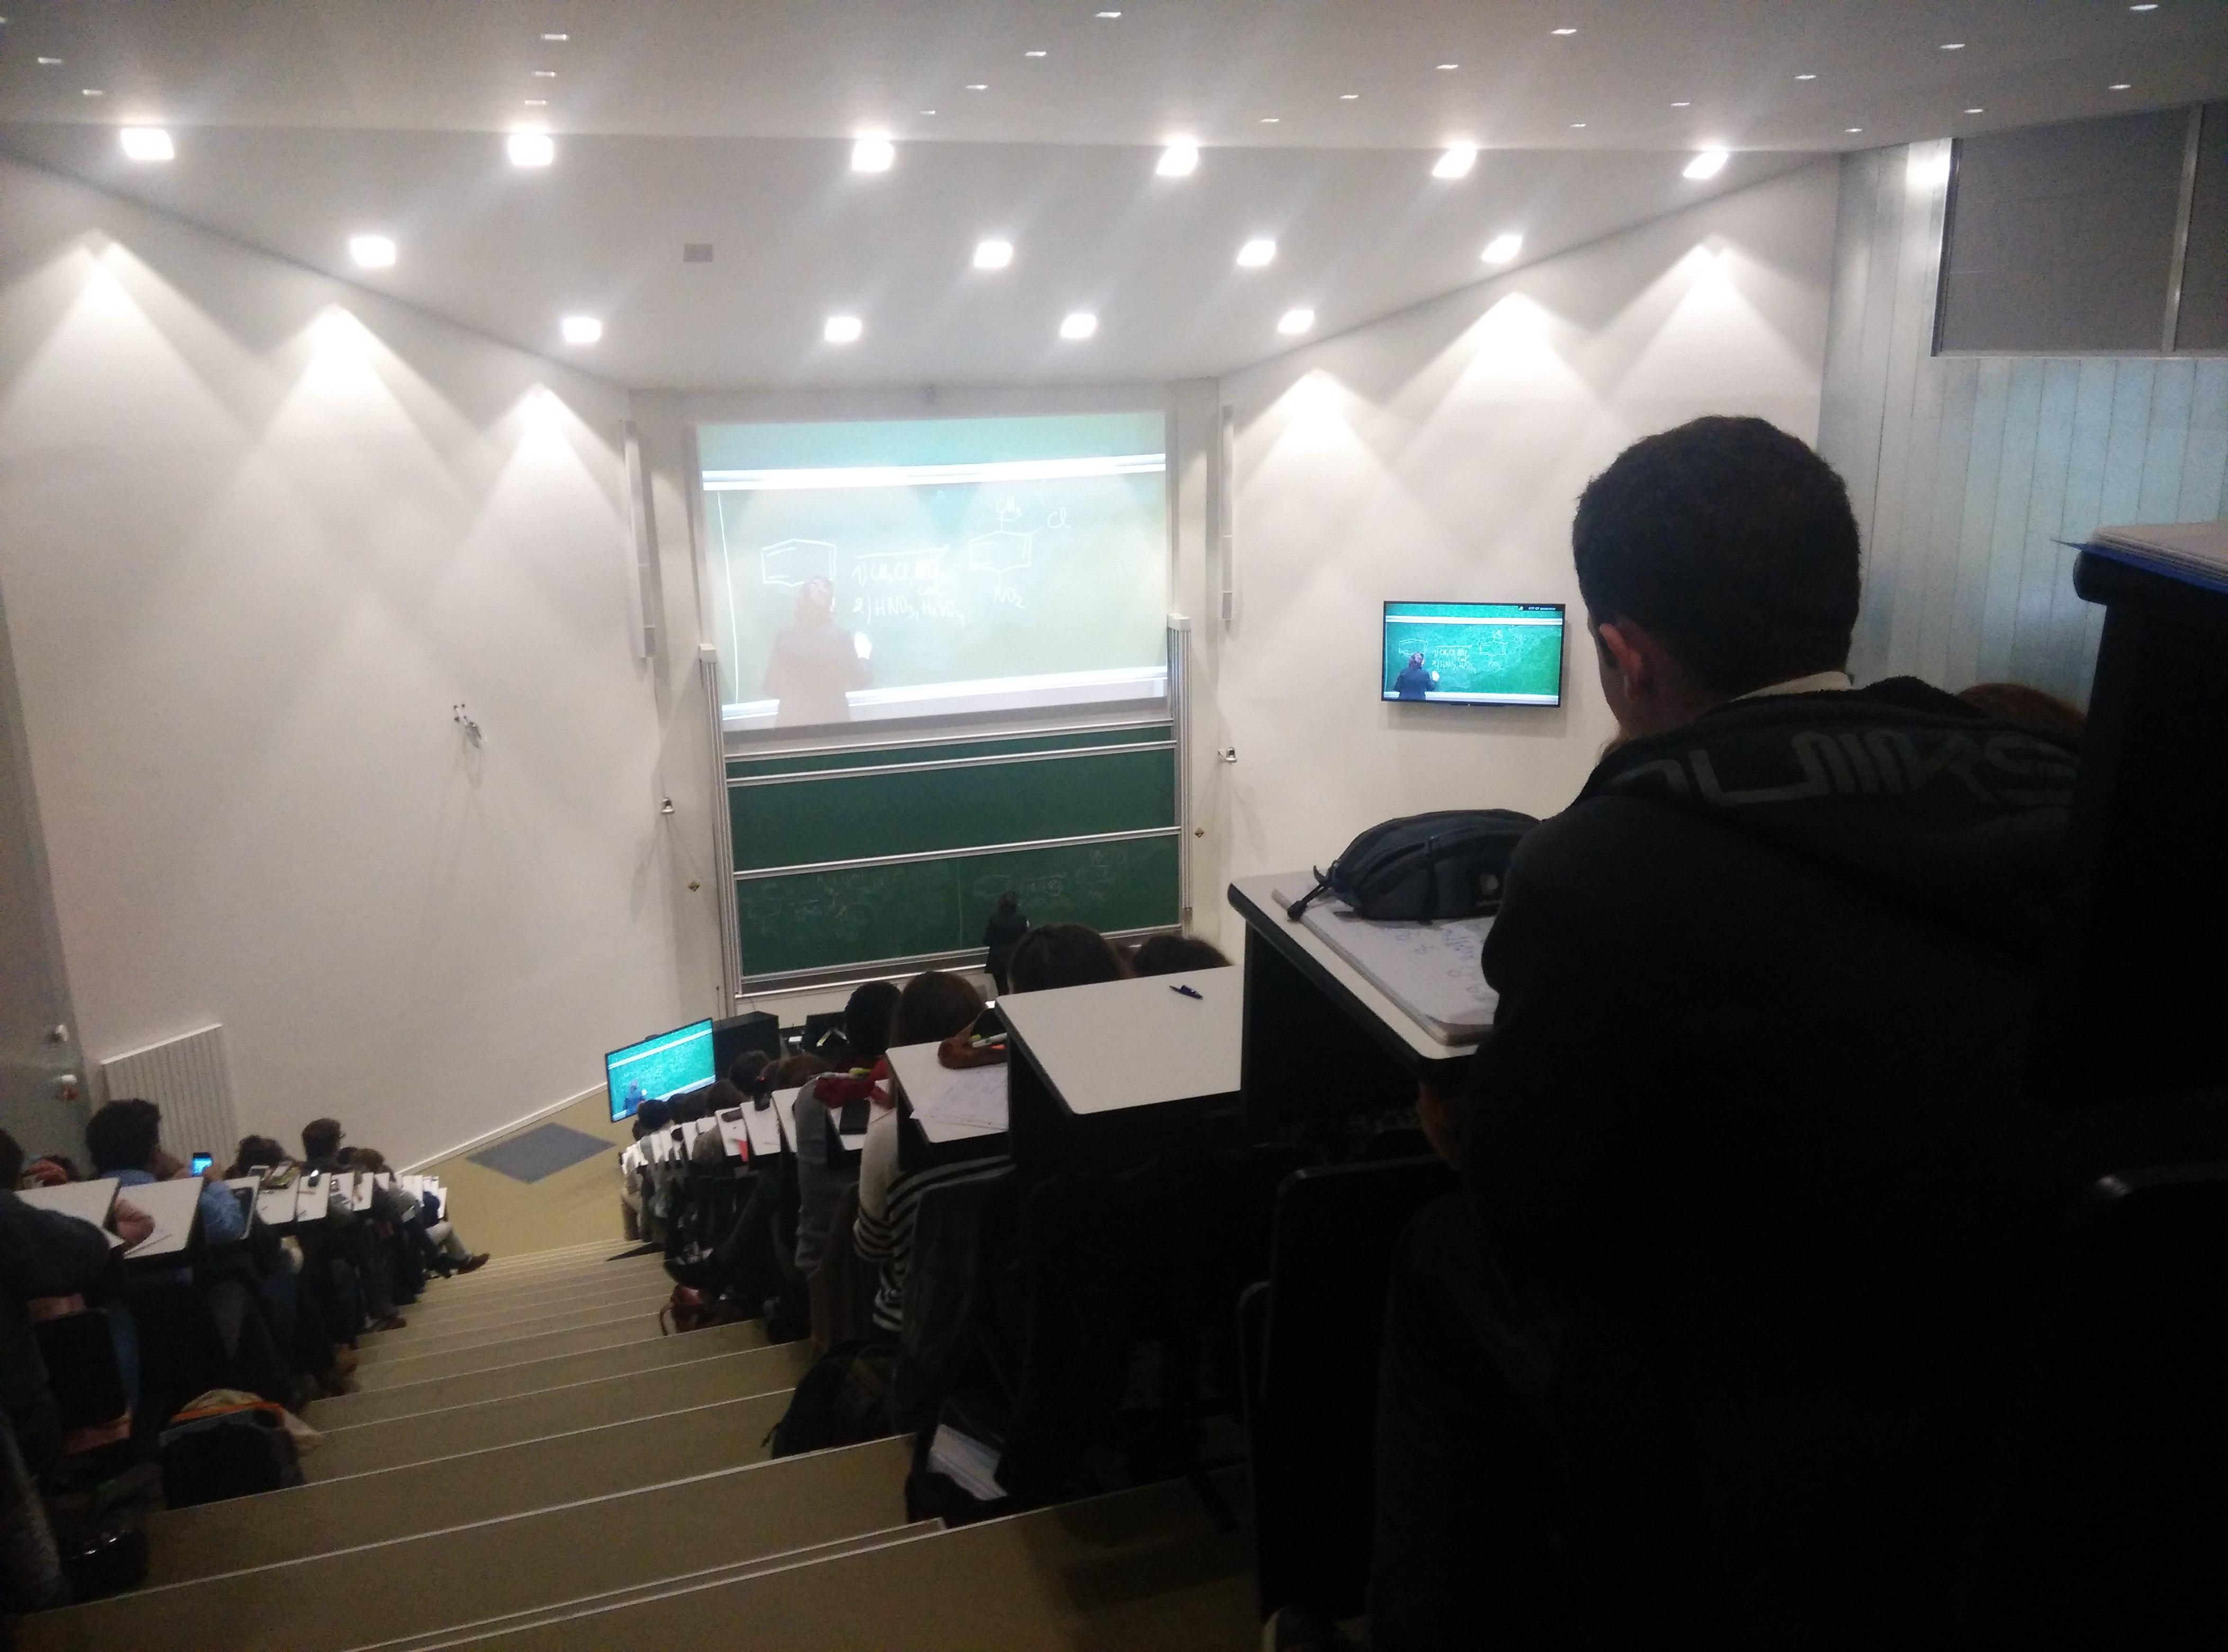 Calendrier Univ Nantes.Faculte De Medecine Pratique Calendrier Pedagogique Paces